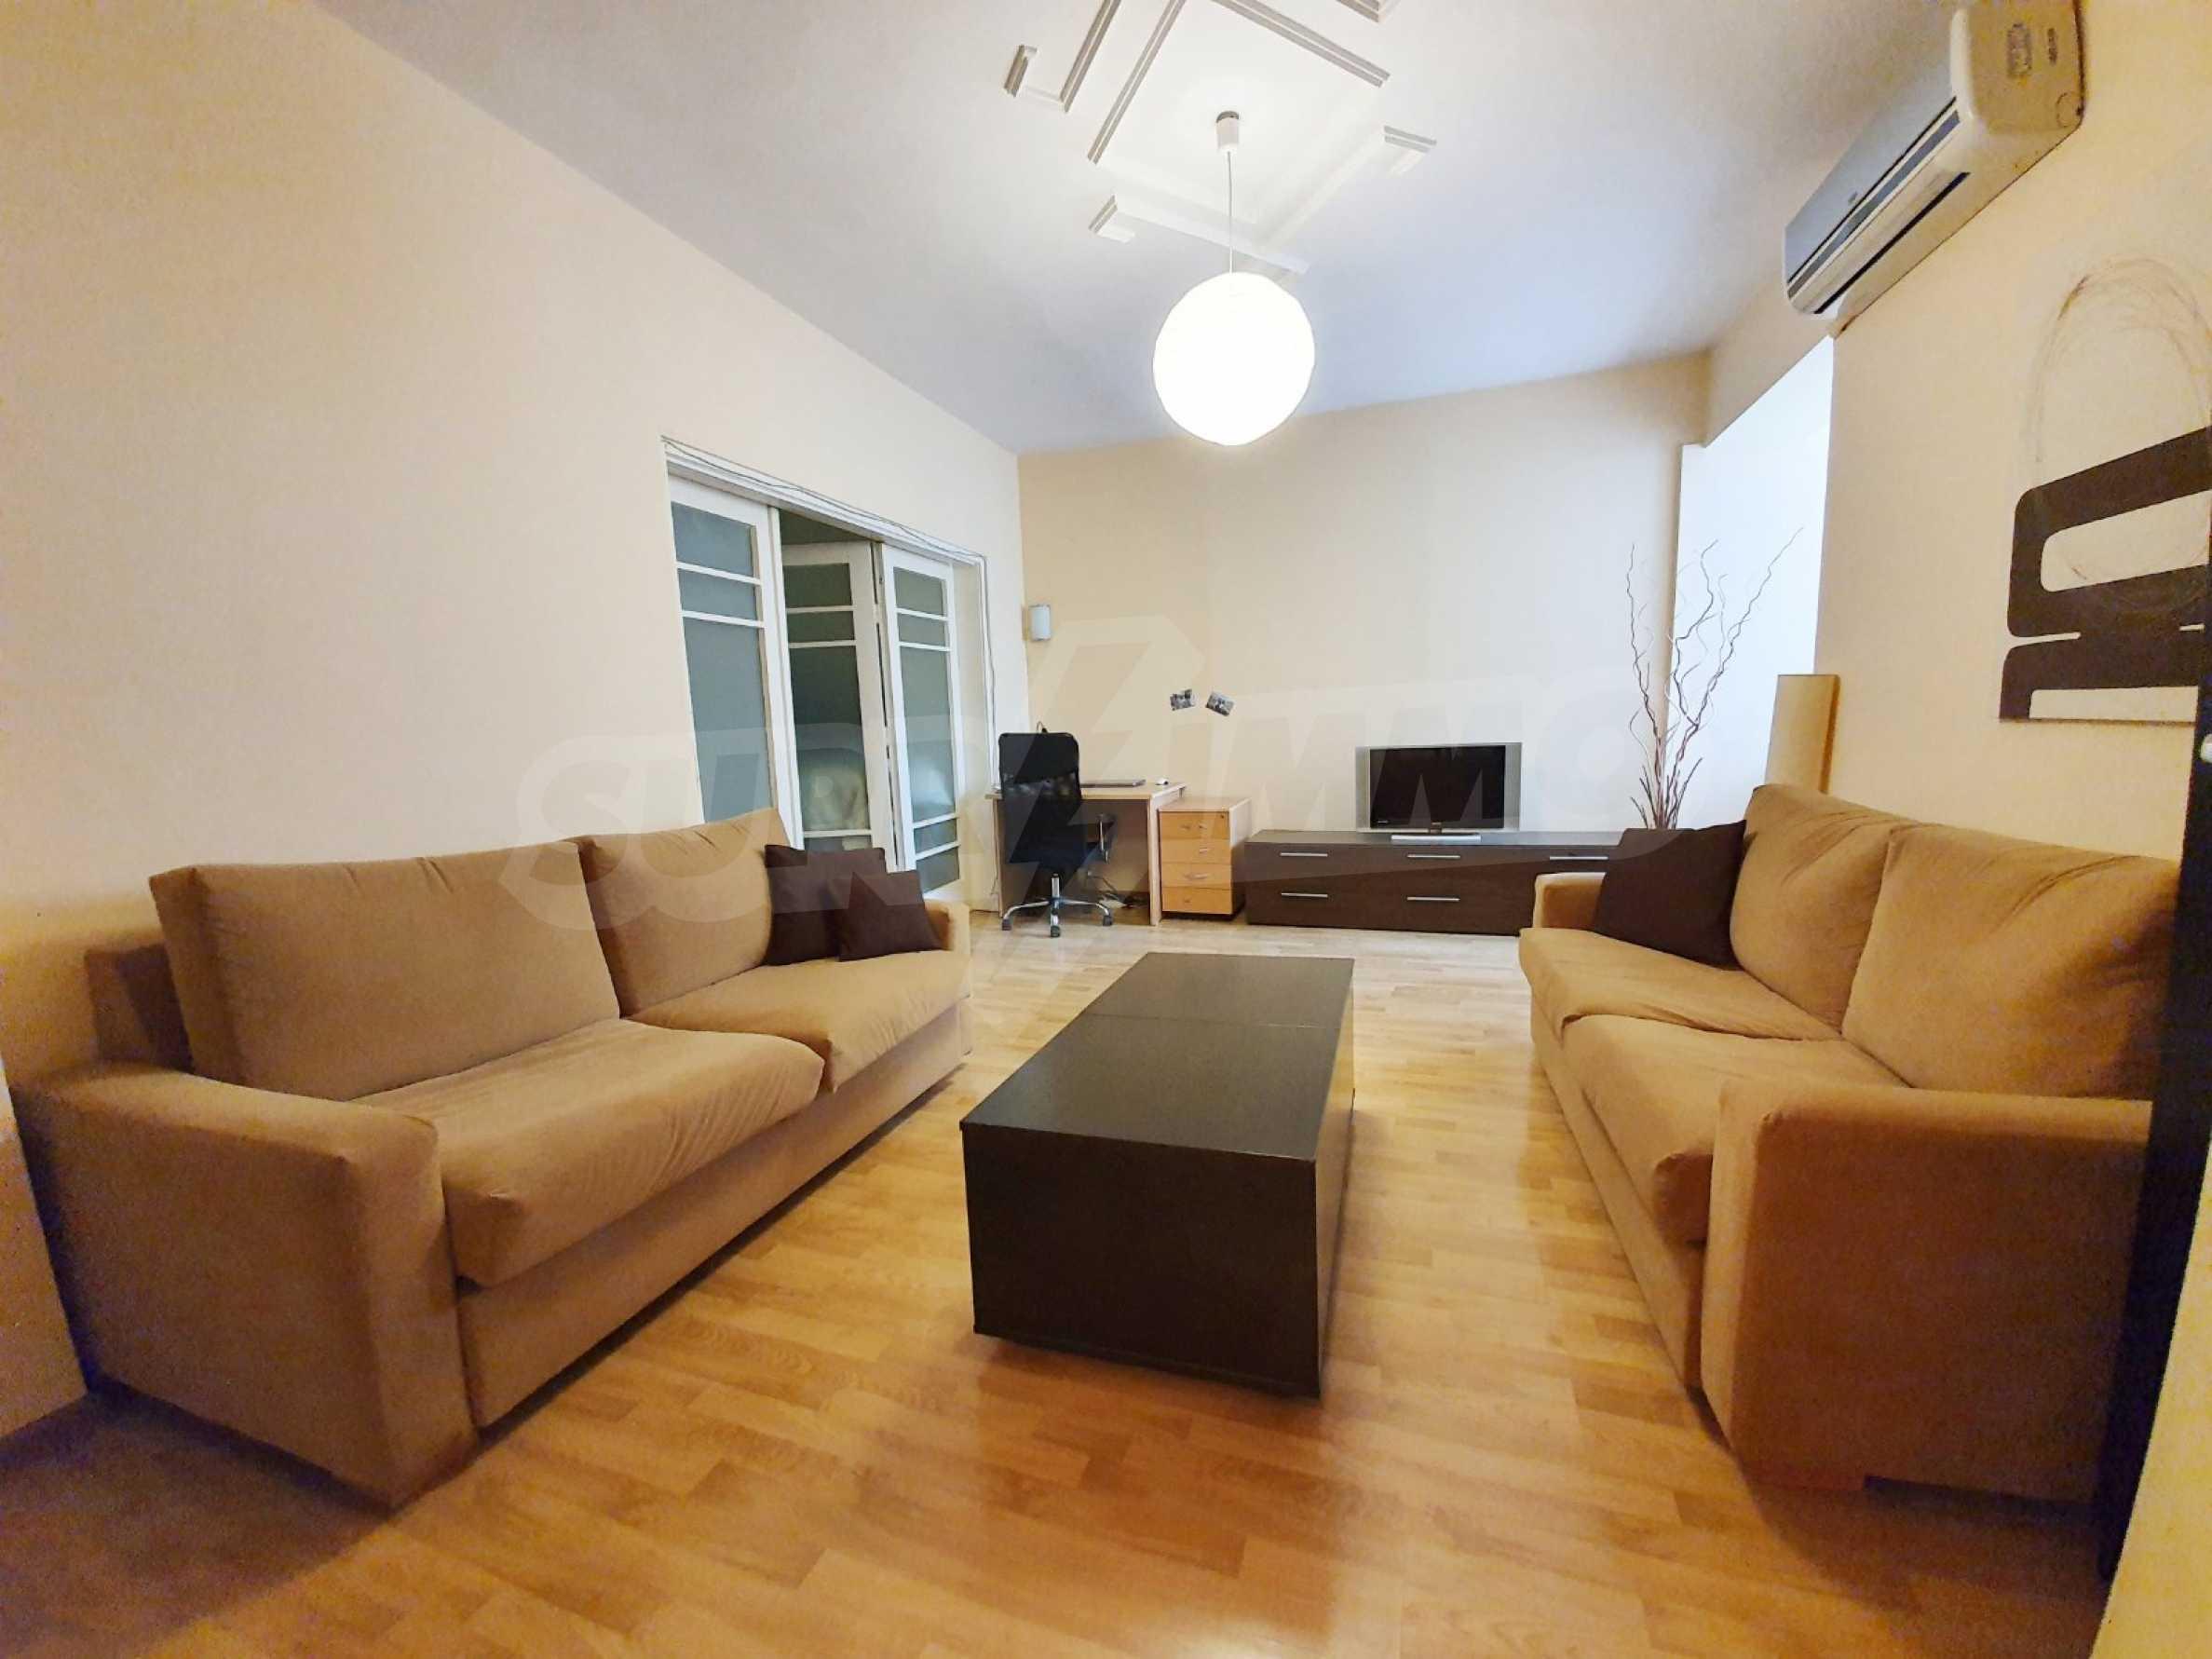 Тристаен апартамент Капитан - под наем в центъра на Варна